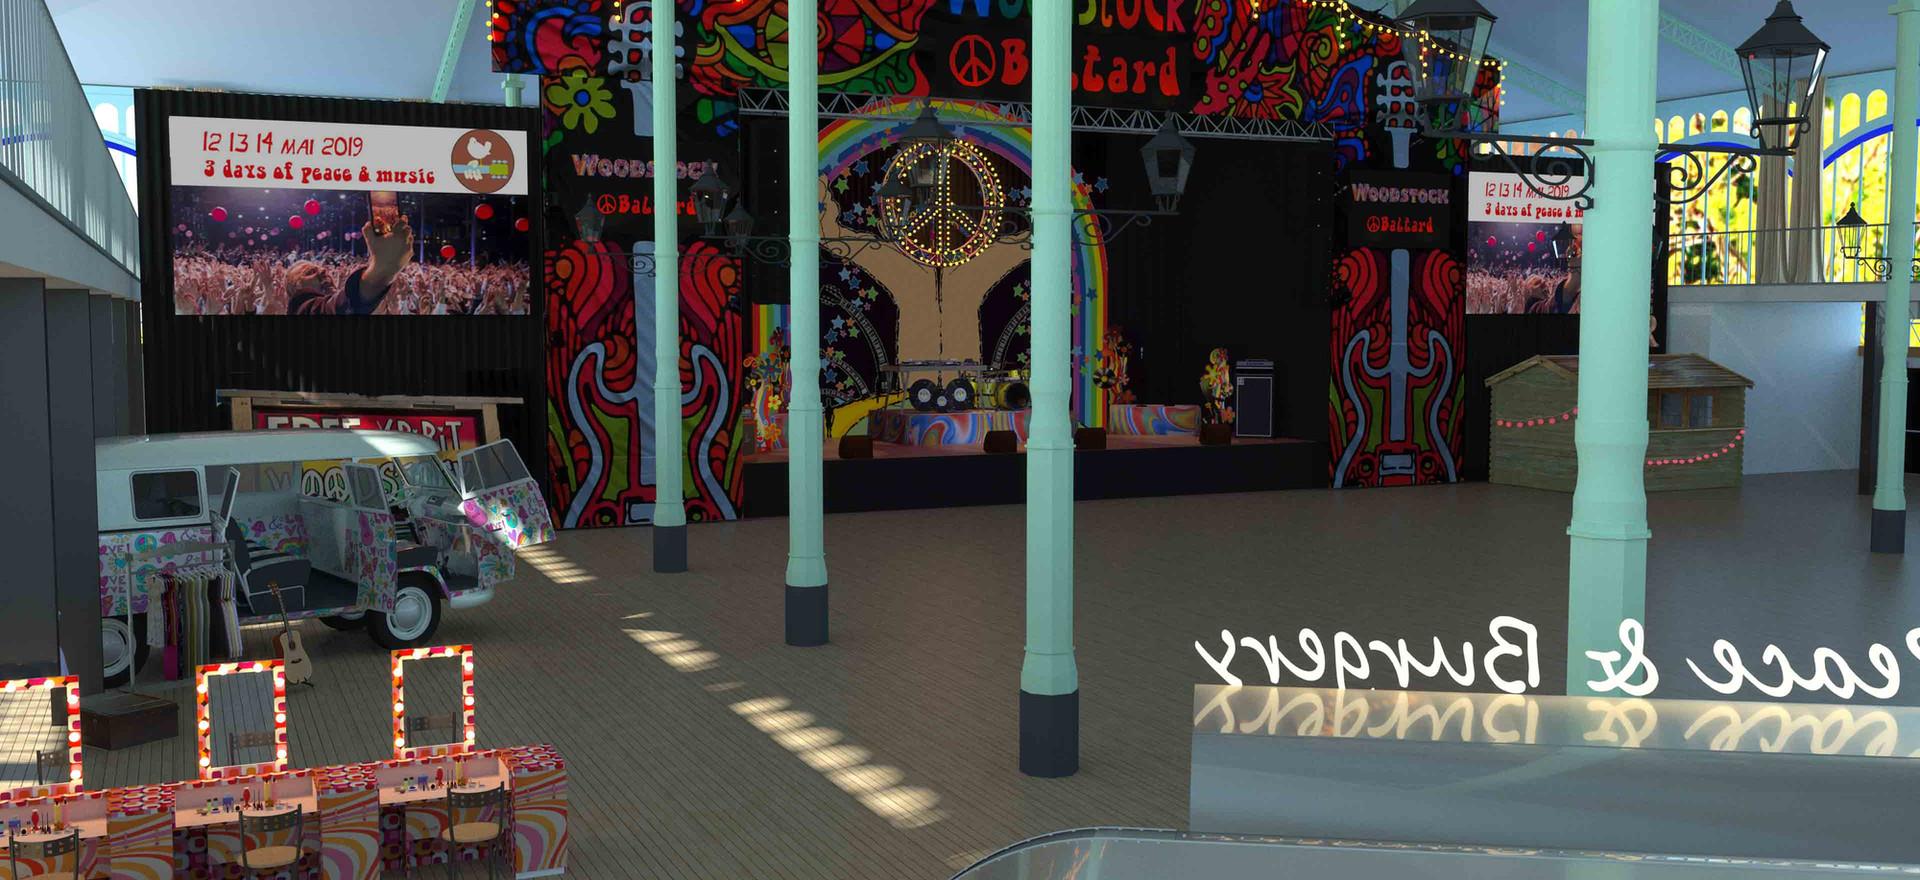 lightsalle2.jpg